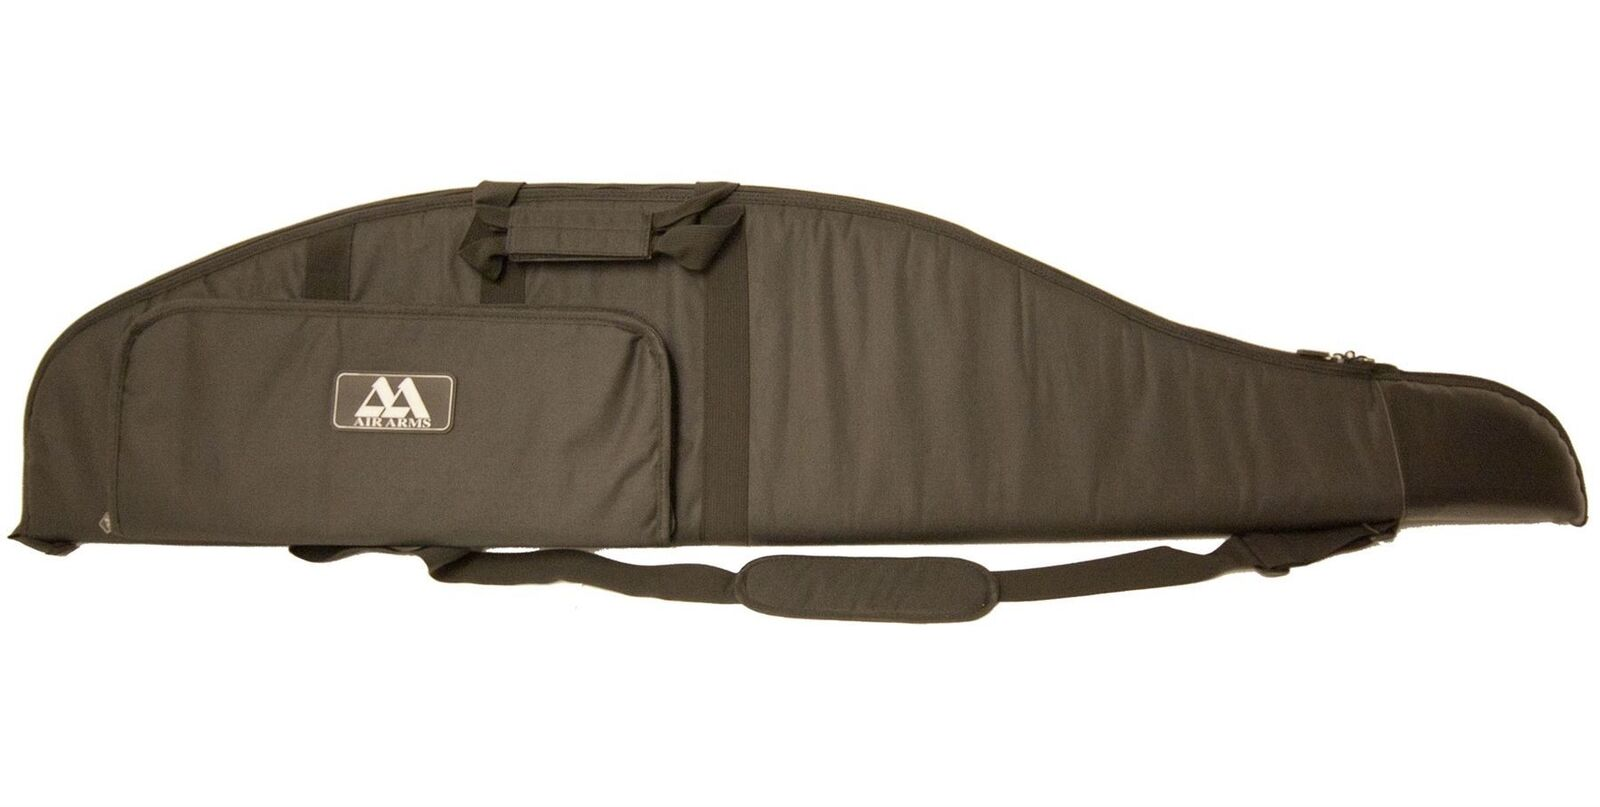 Air Arms Canvas Rifle Cover